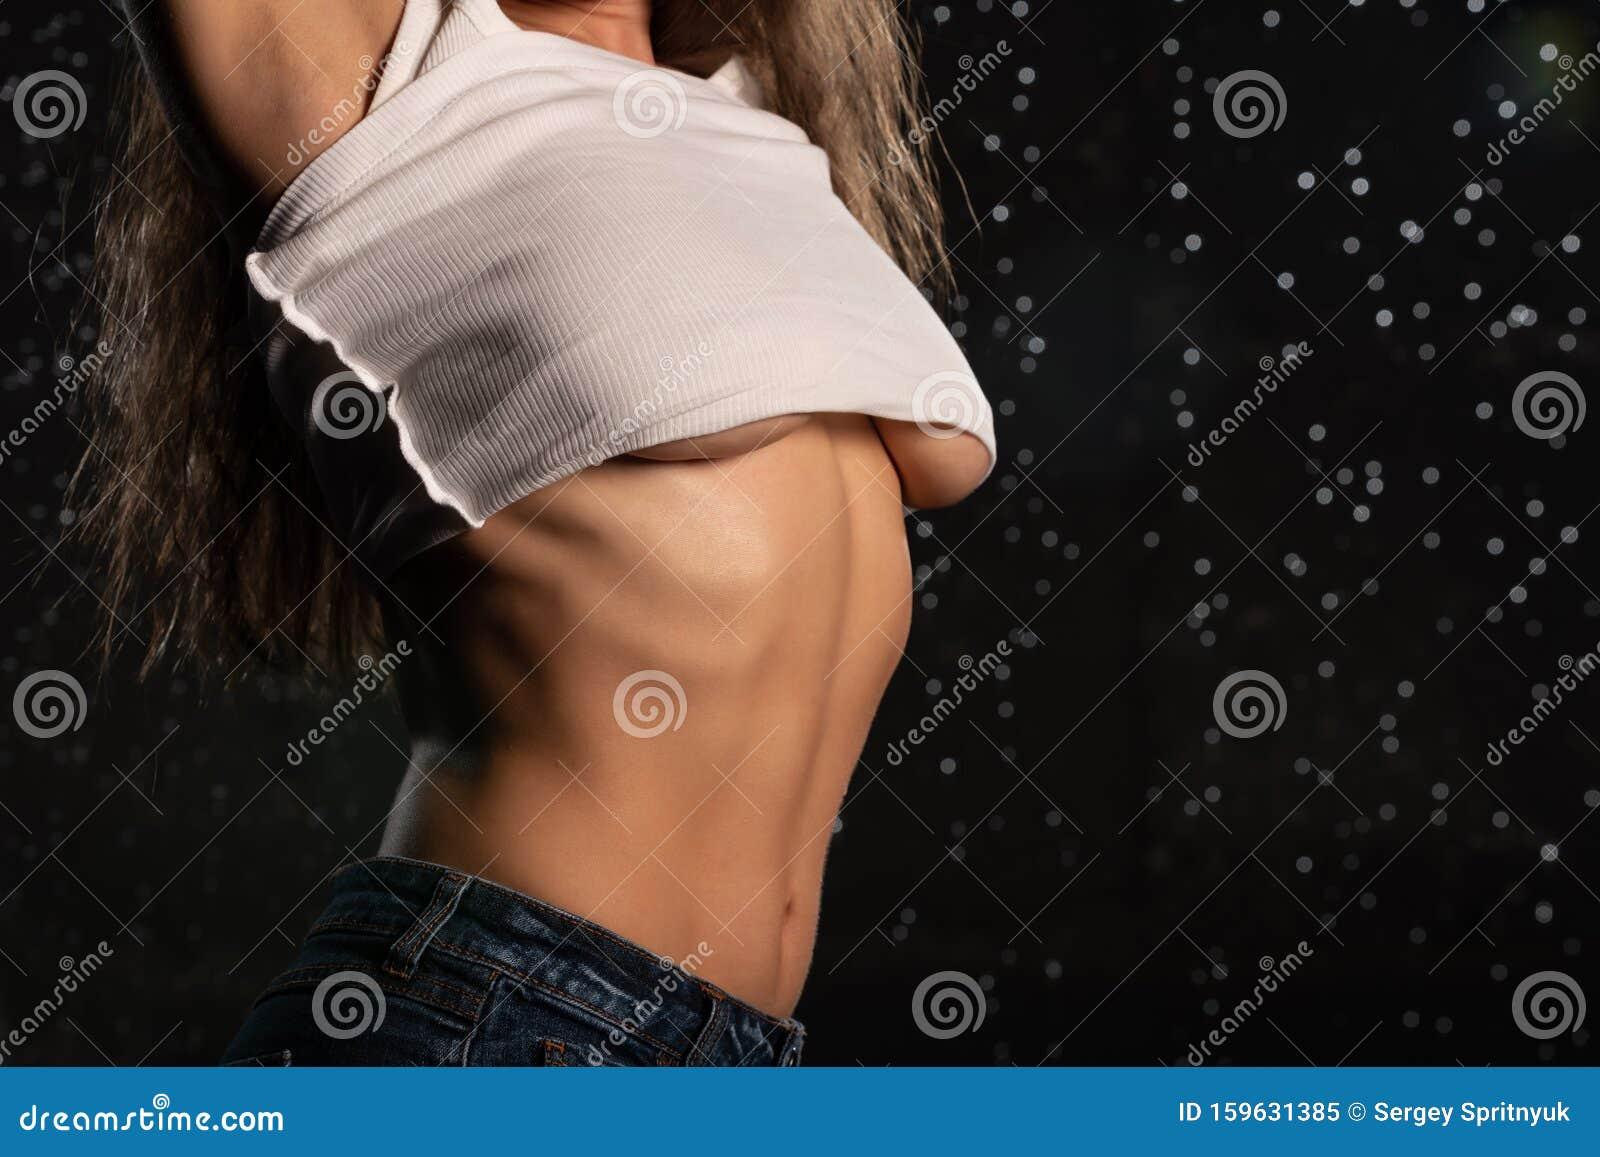 Sexy T Shirt Babes